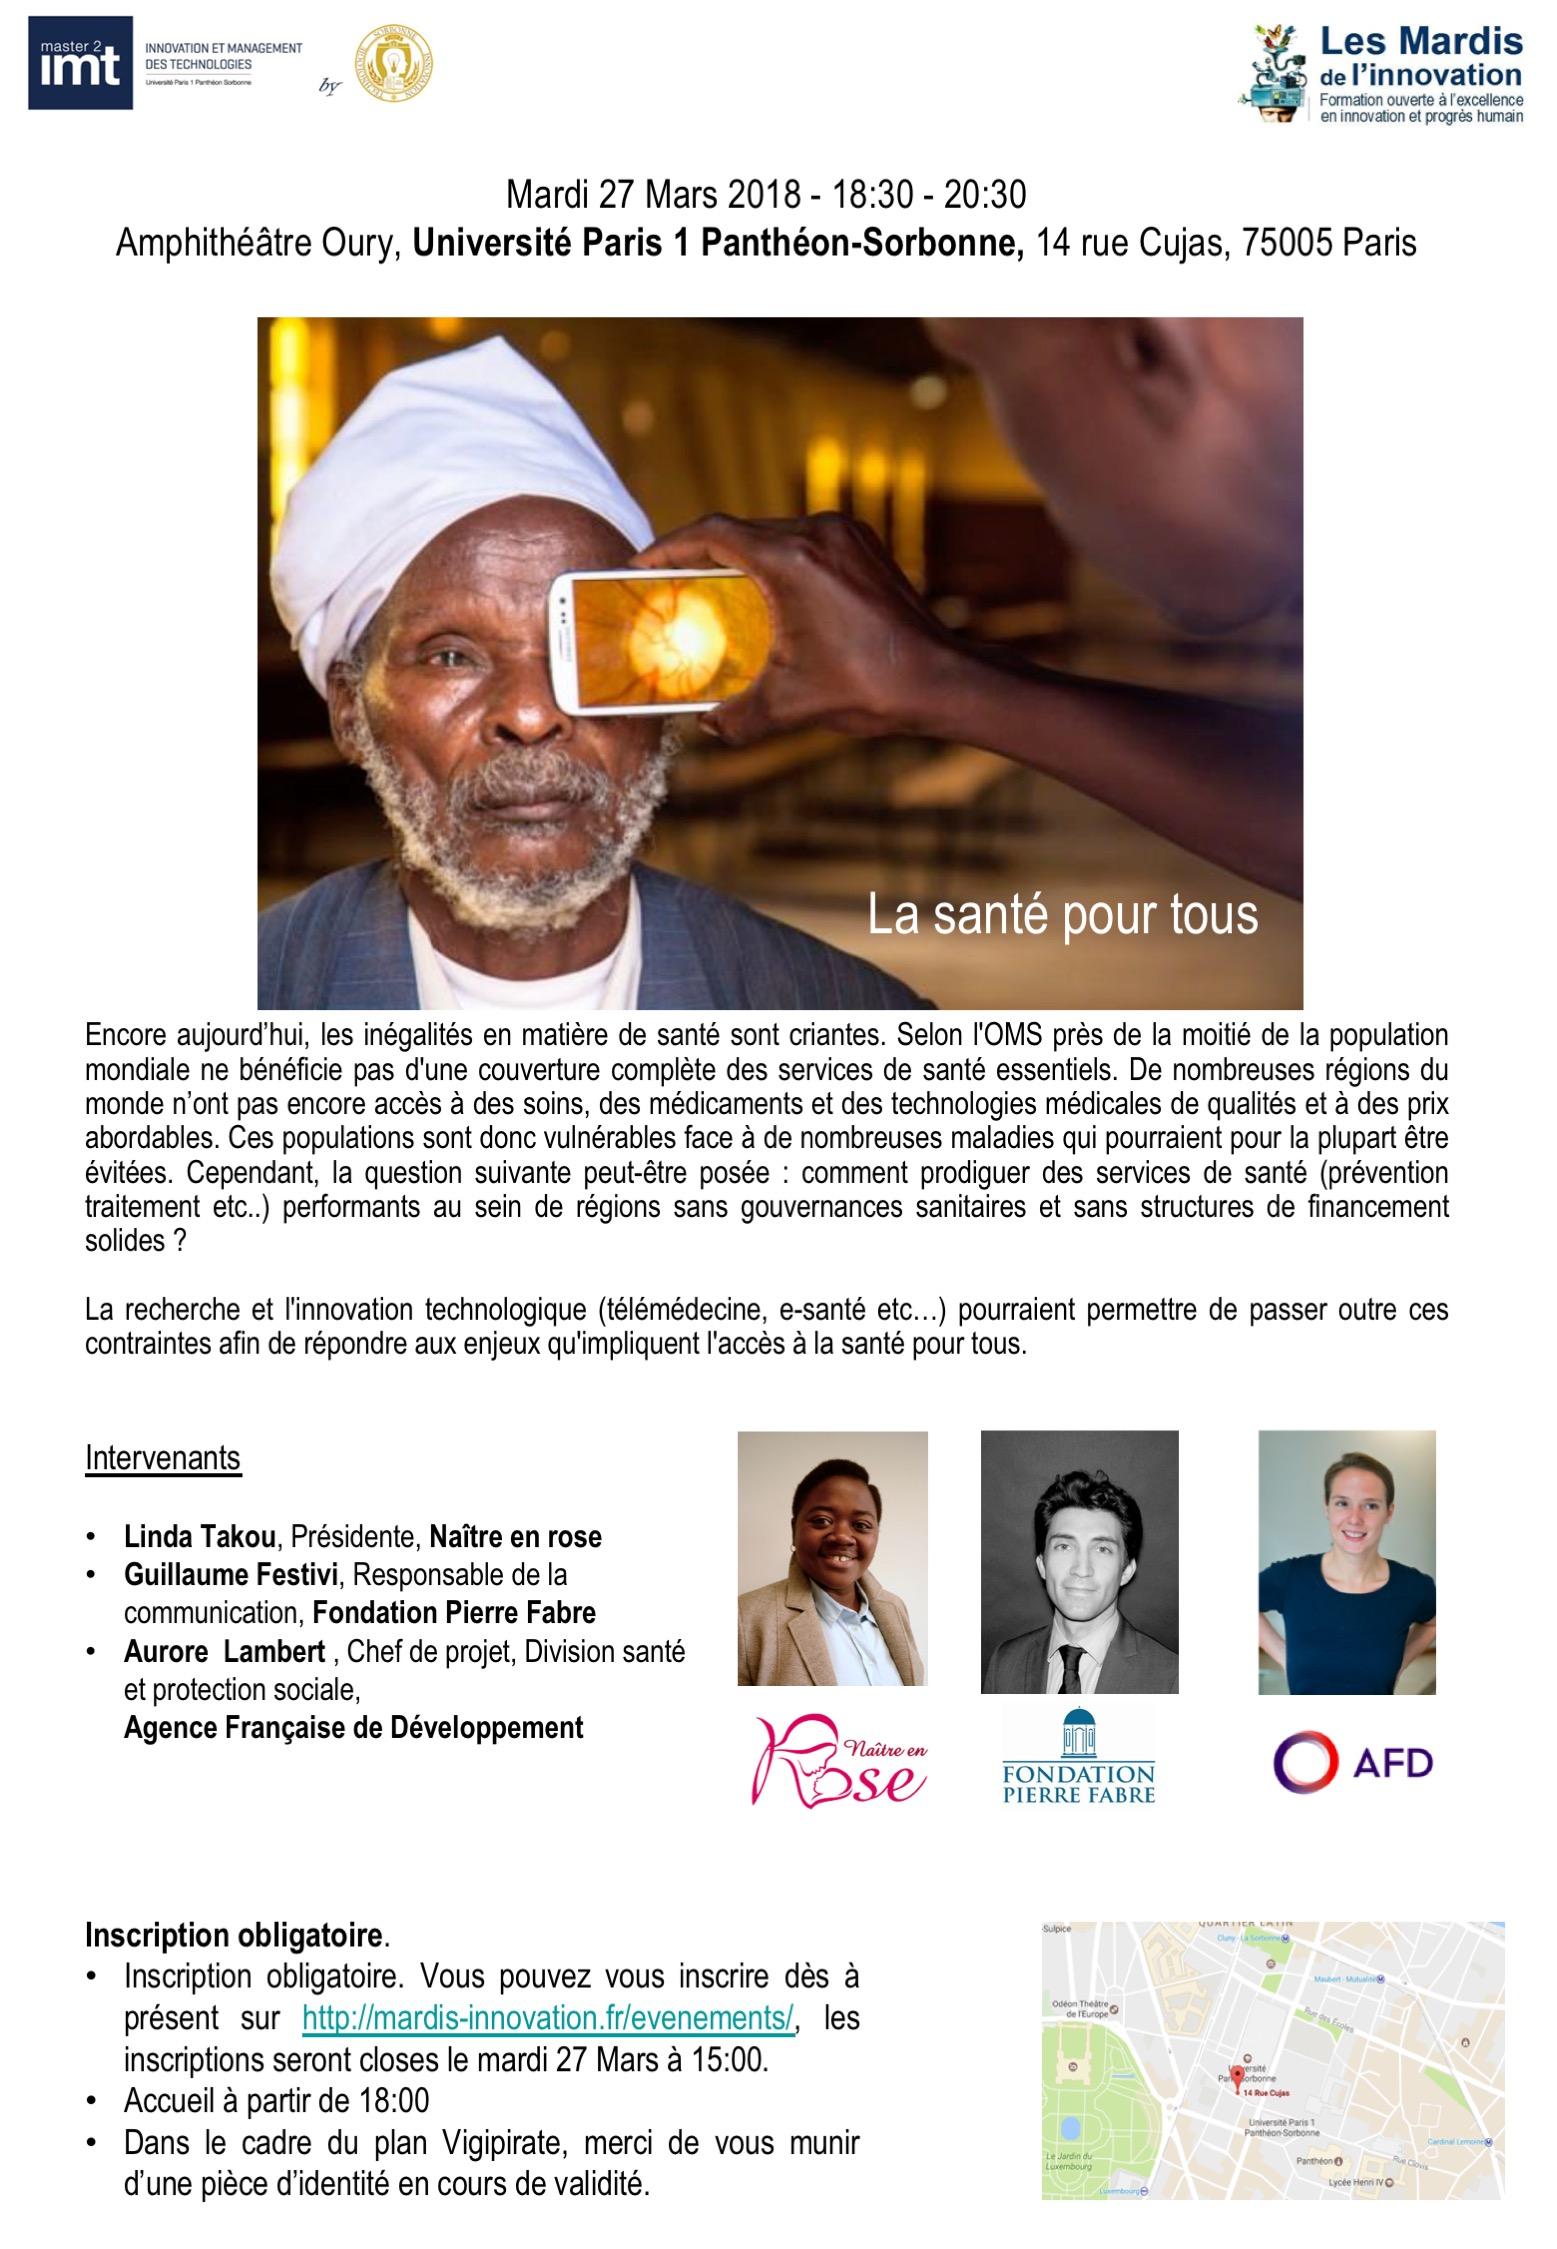 Prog Mardis Innovation - Santé pour tous - 27 mars 2018 v3